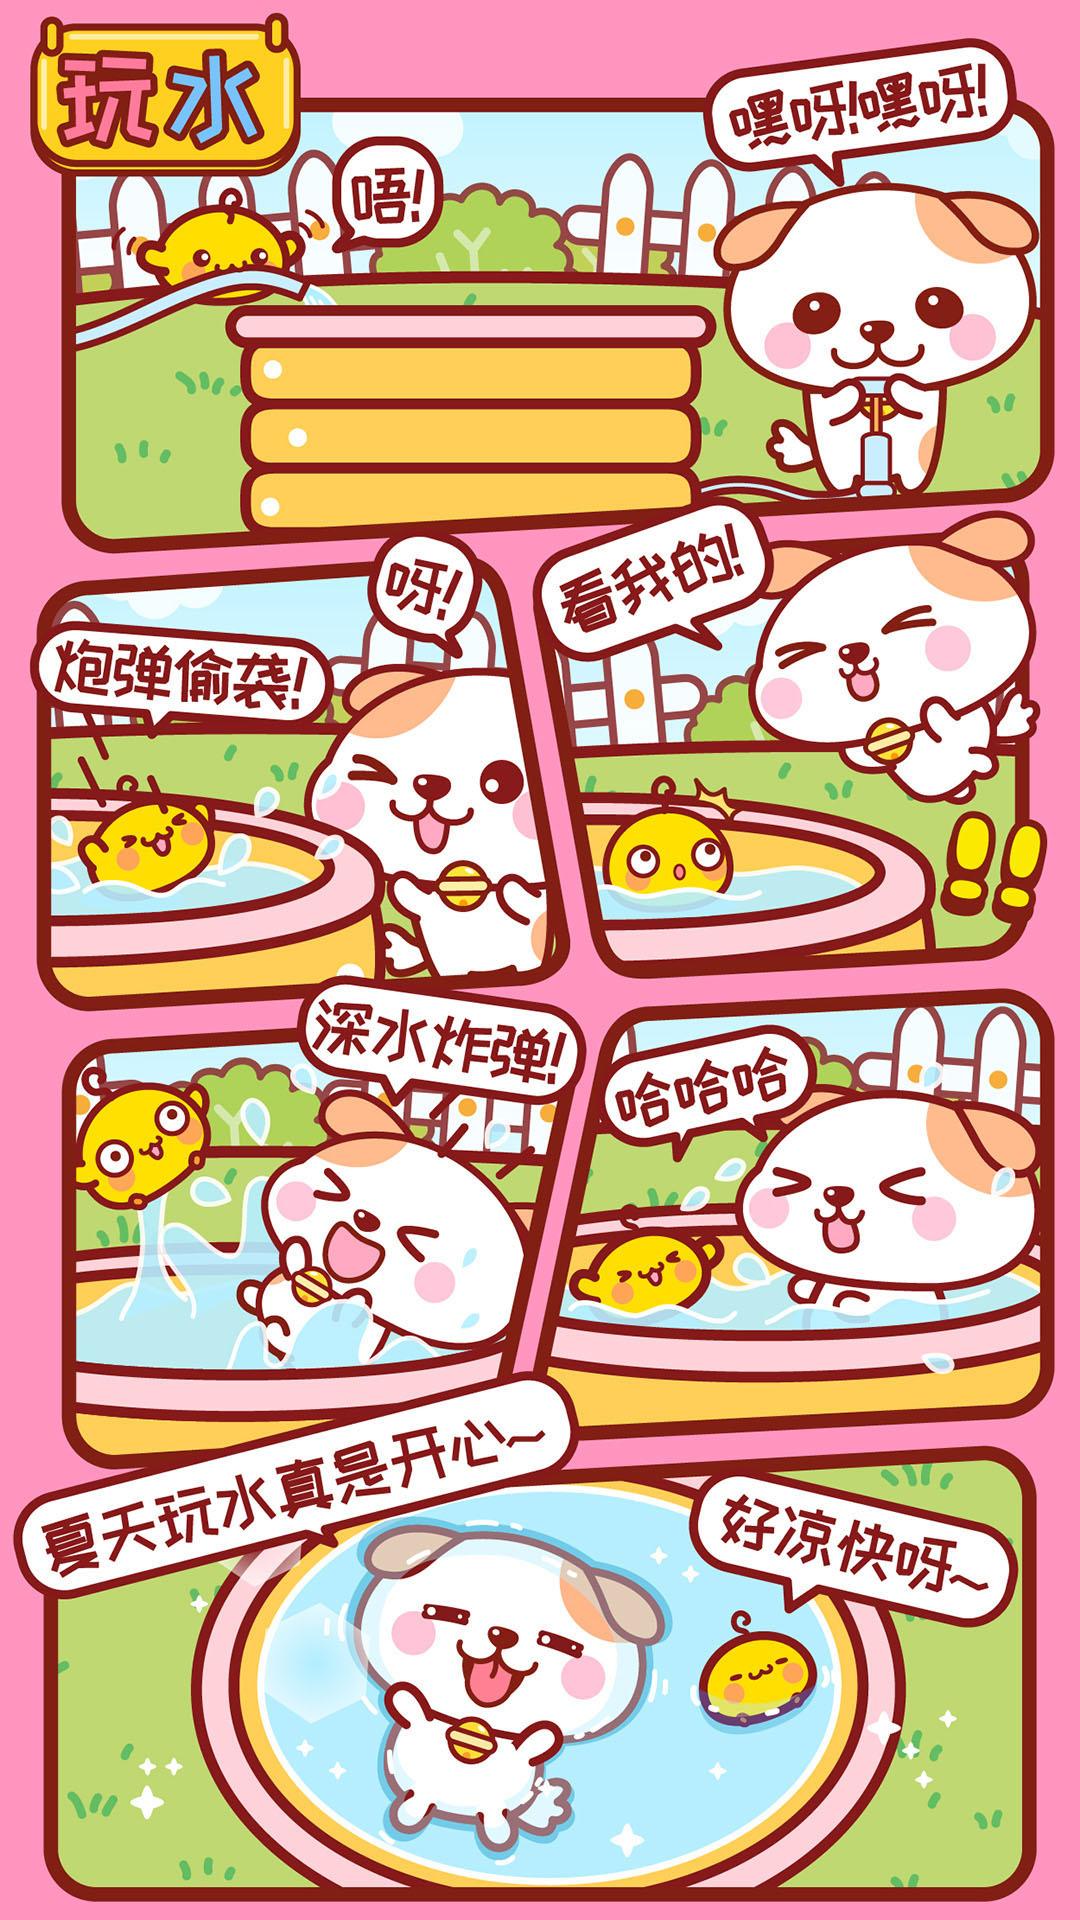 秋田君漫画154-162话